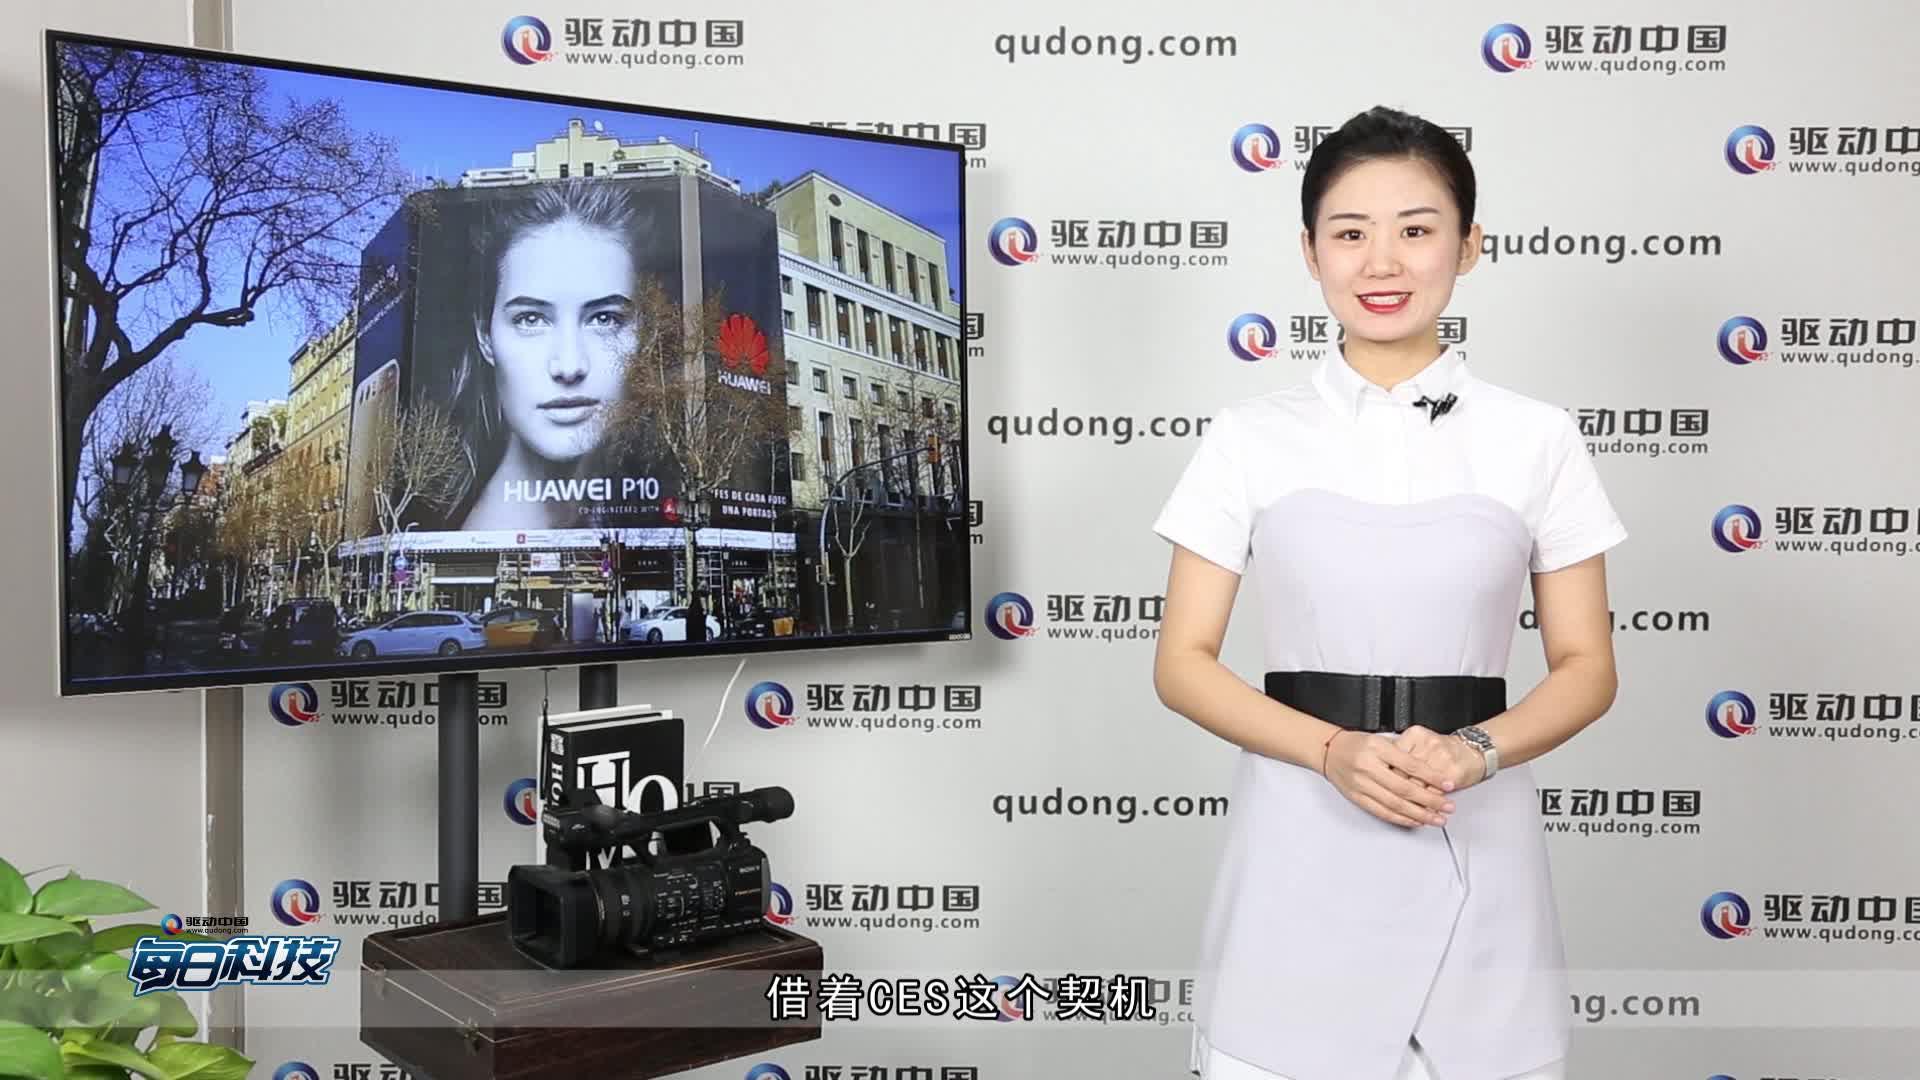 每日科技 华为Mate10系列进军美国  美团打车北京业务遇